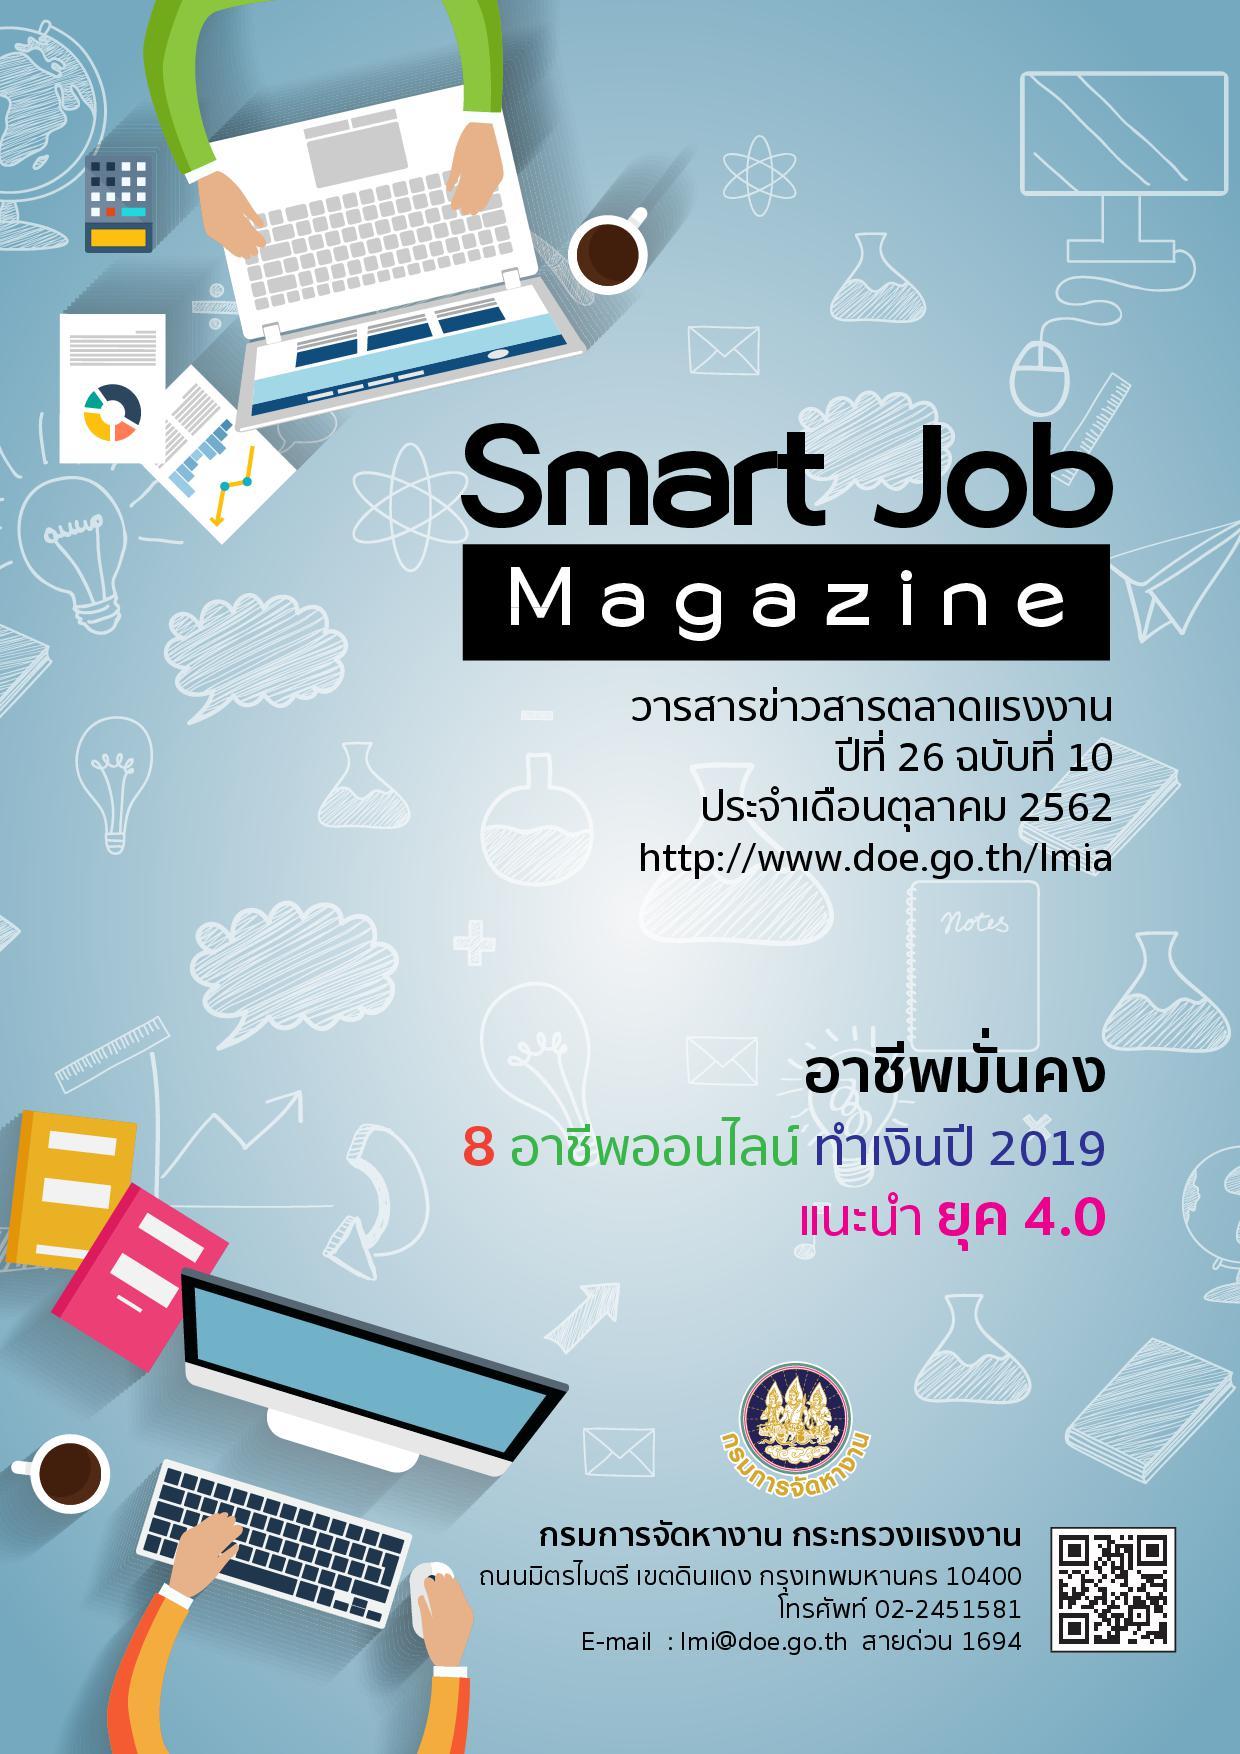 วารสารข่าวสารตลาดแรงงาน ปีที่ 25 ฉบับที่ 10 เดือนตุลาคม 2562